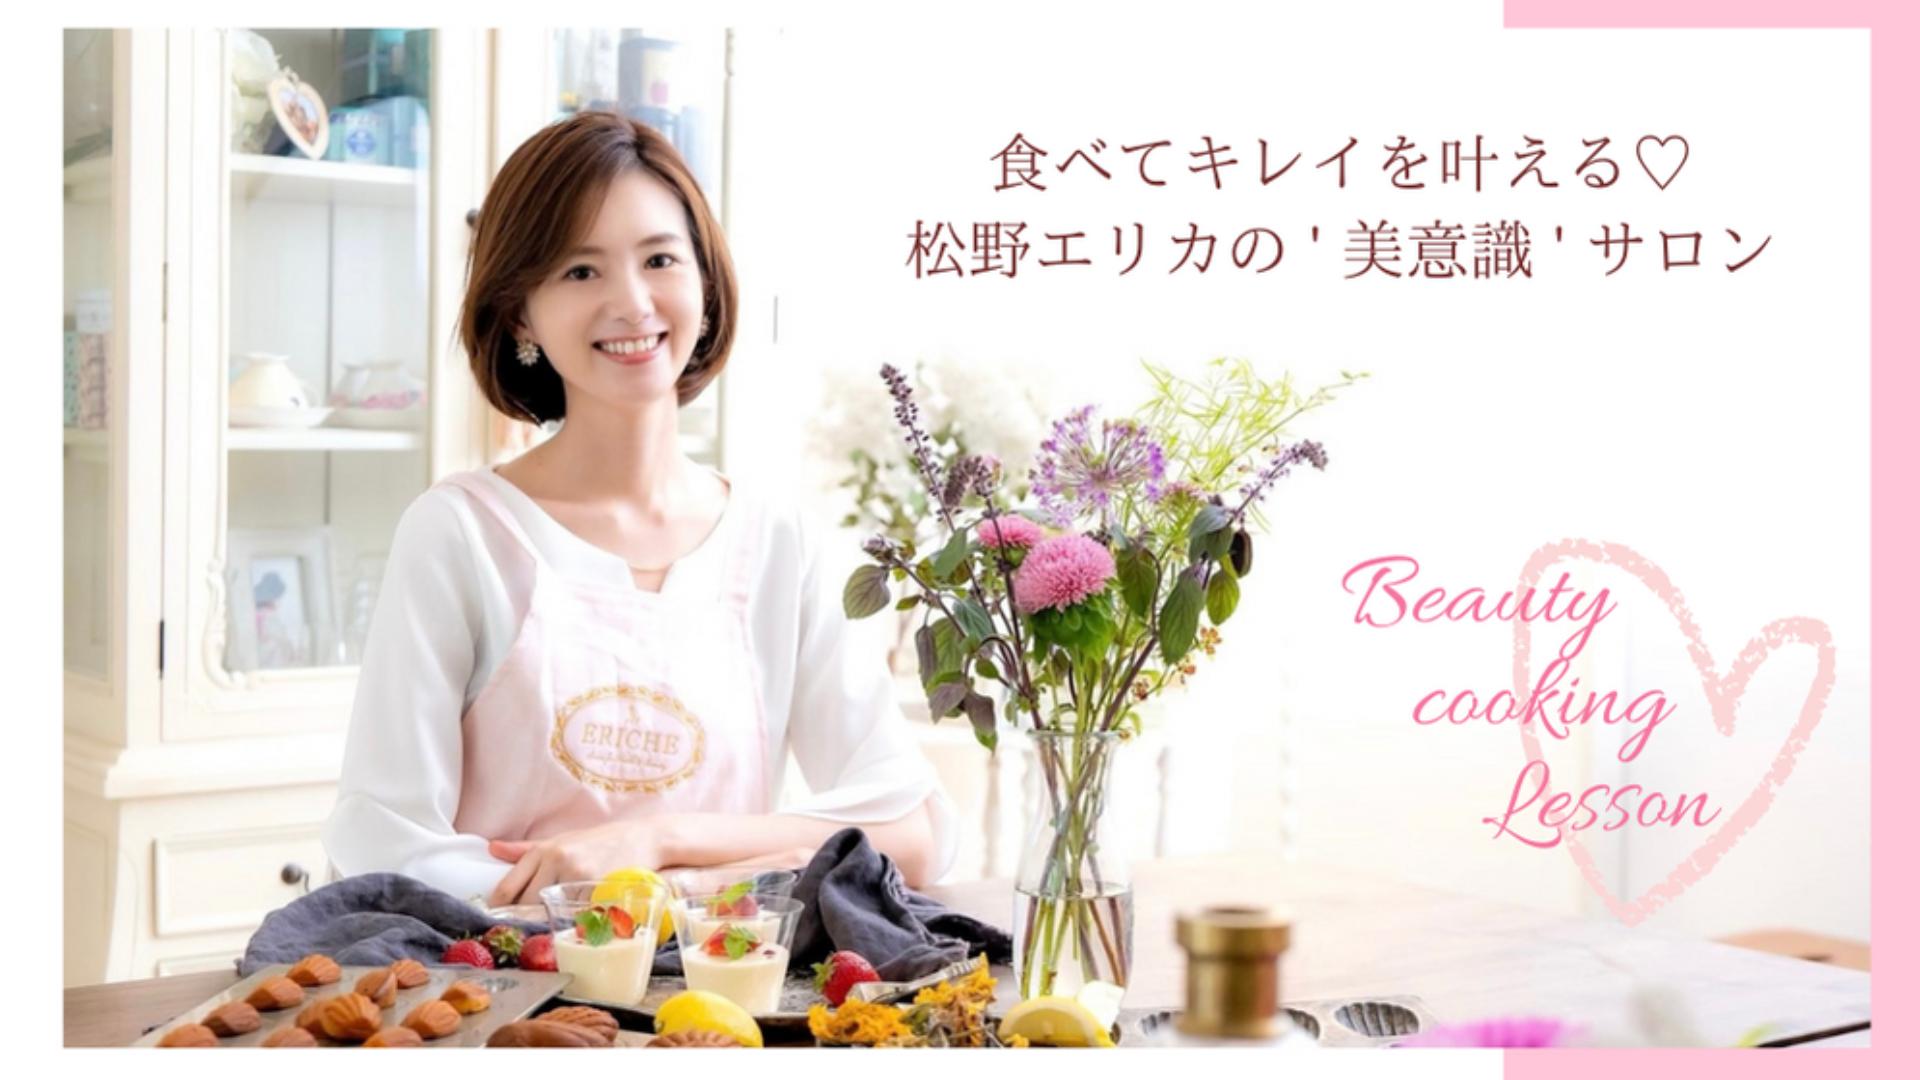 美容料理家/ERICHE代表 松野エリカ - 食べてキレイを叶える♡松野エリカの「美意識」サロン - DMM オンラインサロン